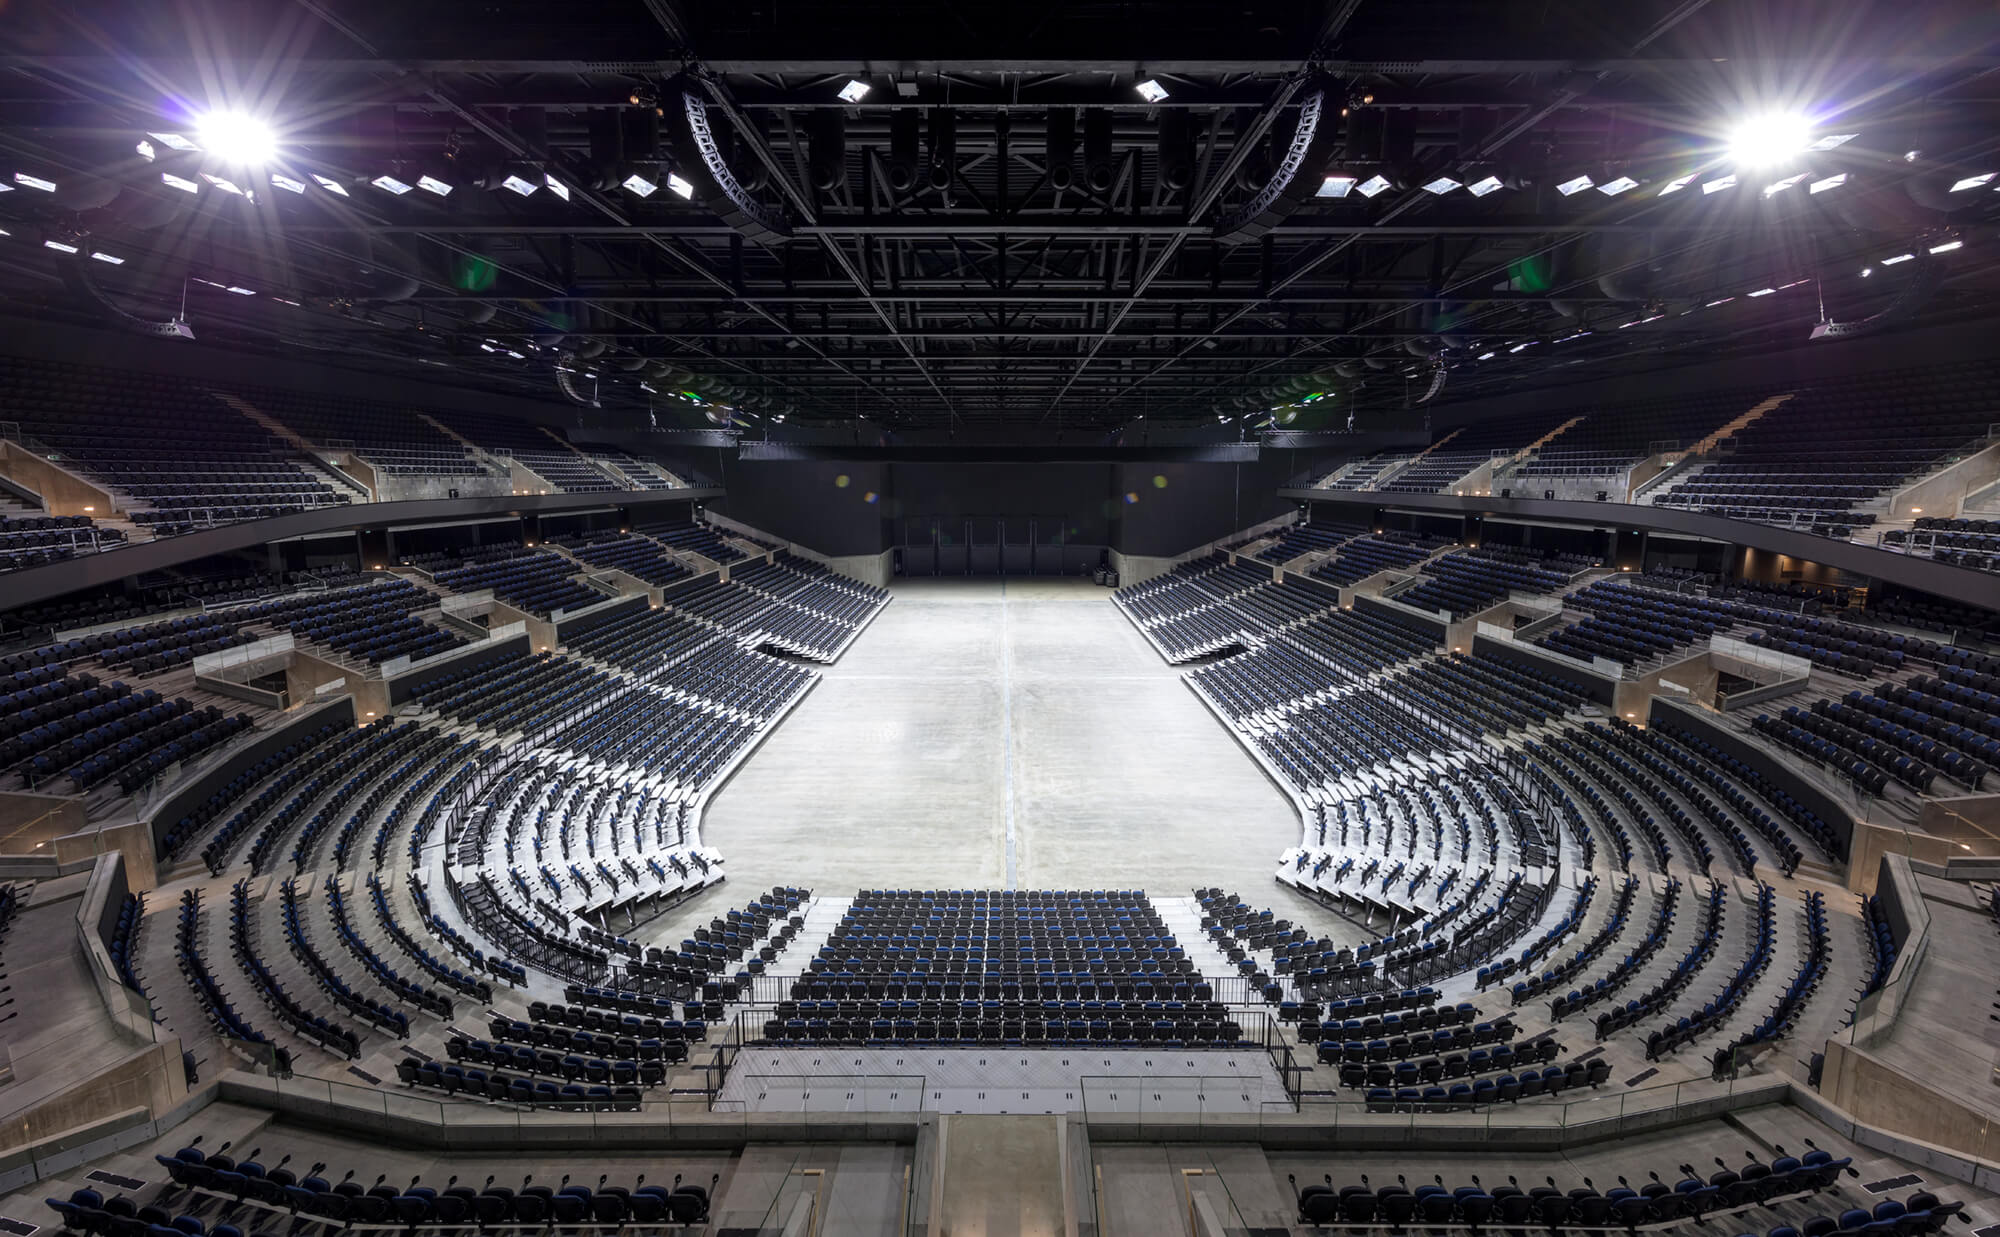 El Royal Arena acogerá la final de la LCS Europea | Vía royalarena.dk